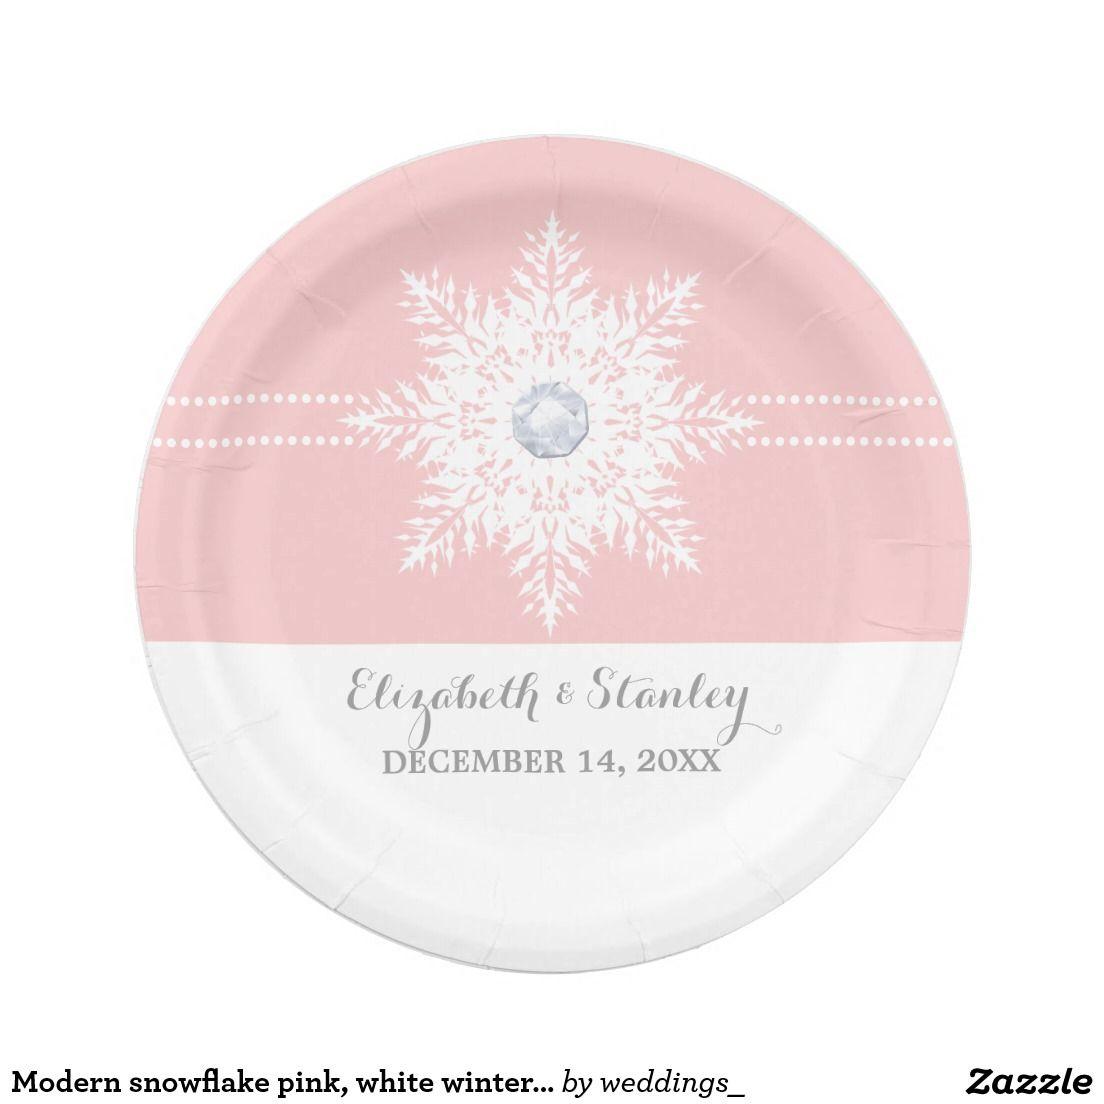 Modern snowflake pink white winter wedding paper plate  sc 1 st  Pinterest & Modern snowflake pink white winter wedding paper plate | Wedding ...